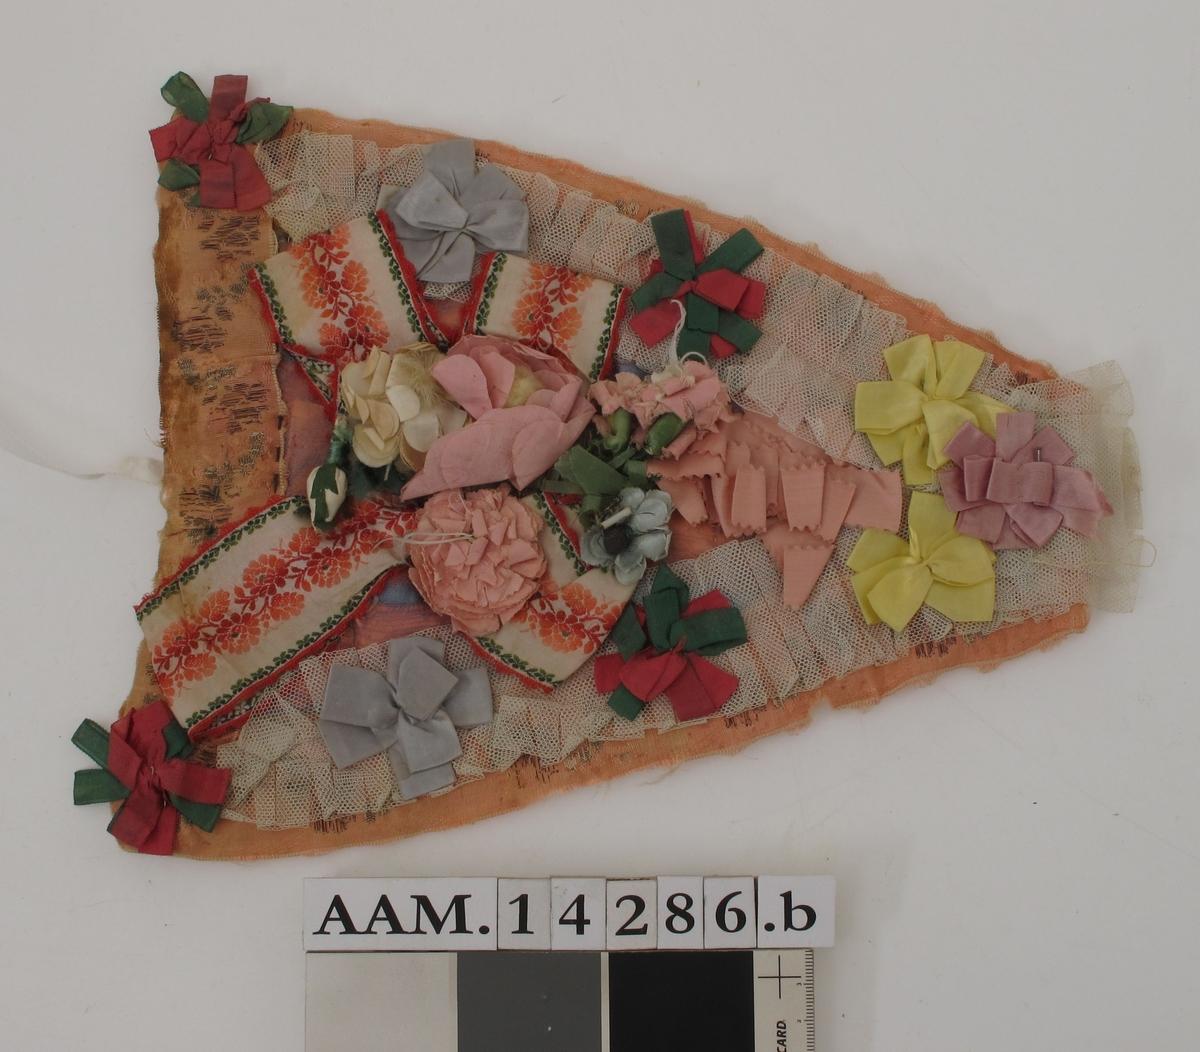 Brystduk, rosa silke, dekket av meget tynn lysblå silketyll,  over denne tett besatt med silkesløyfer i  lilla, rosa, gult, sterkt grønt/rødt, lyseblått.  Pm. hvitt/kirsebærfarget og grønt silkebånd i  kryss med hvite og rosa tvil tøyblomster.  Langs kanten rosa silkebrokadebånd, over dette  På langsidene et tyllbånd. Mellomlegg av gulhvitt  Ullstoff, på baks. gullig linstoff.